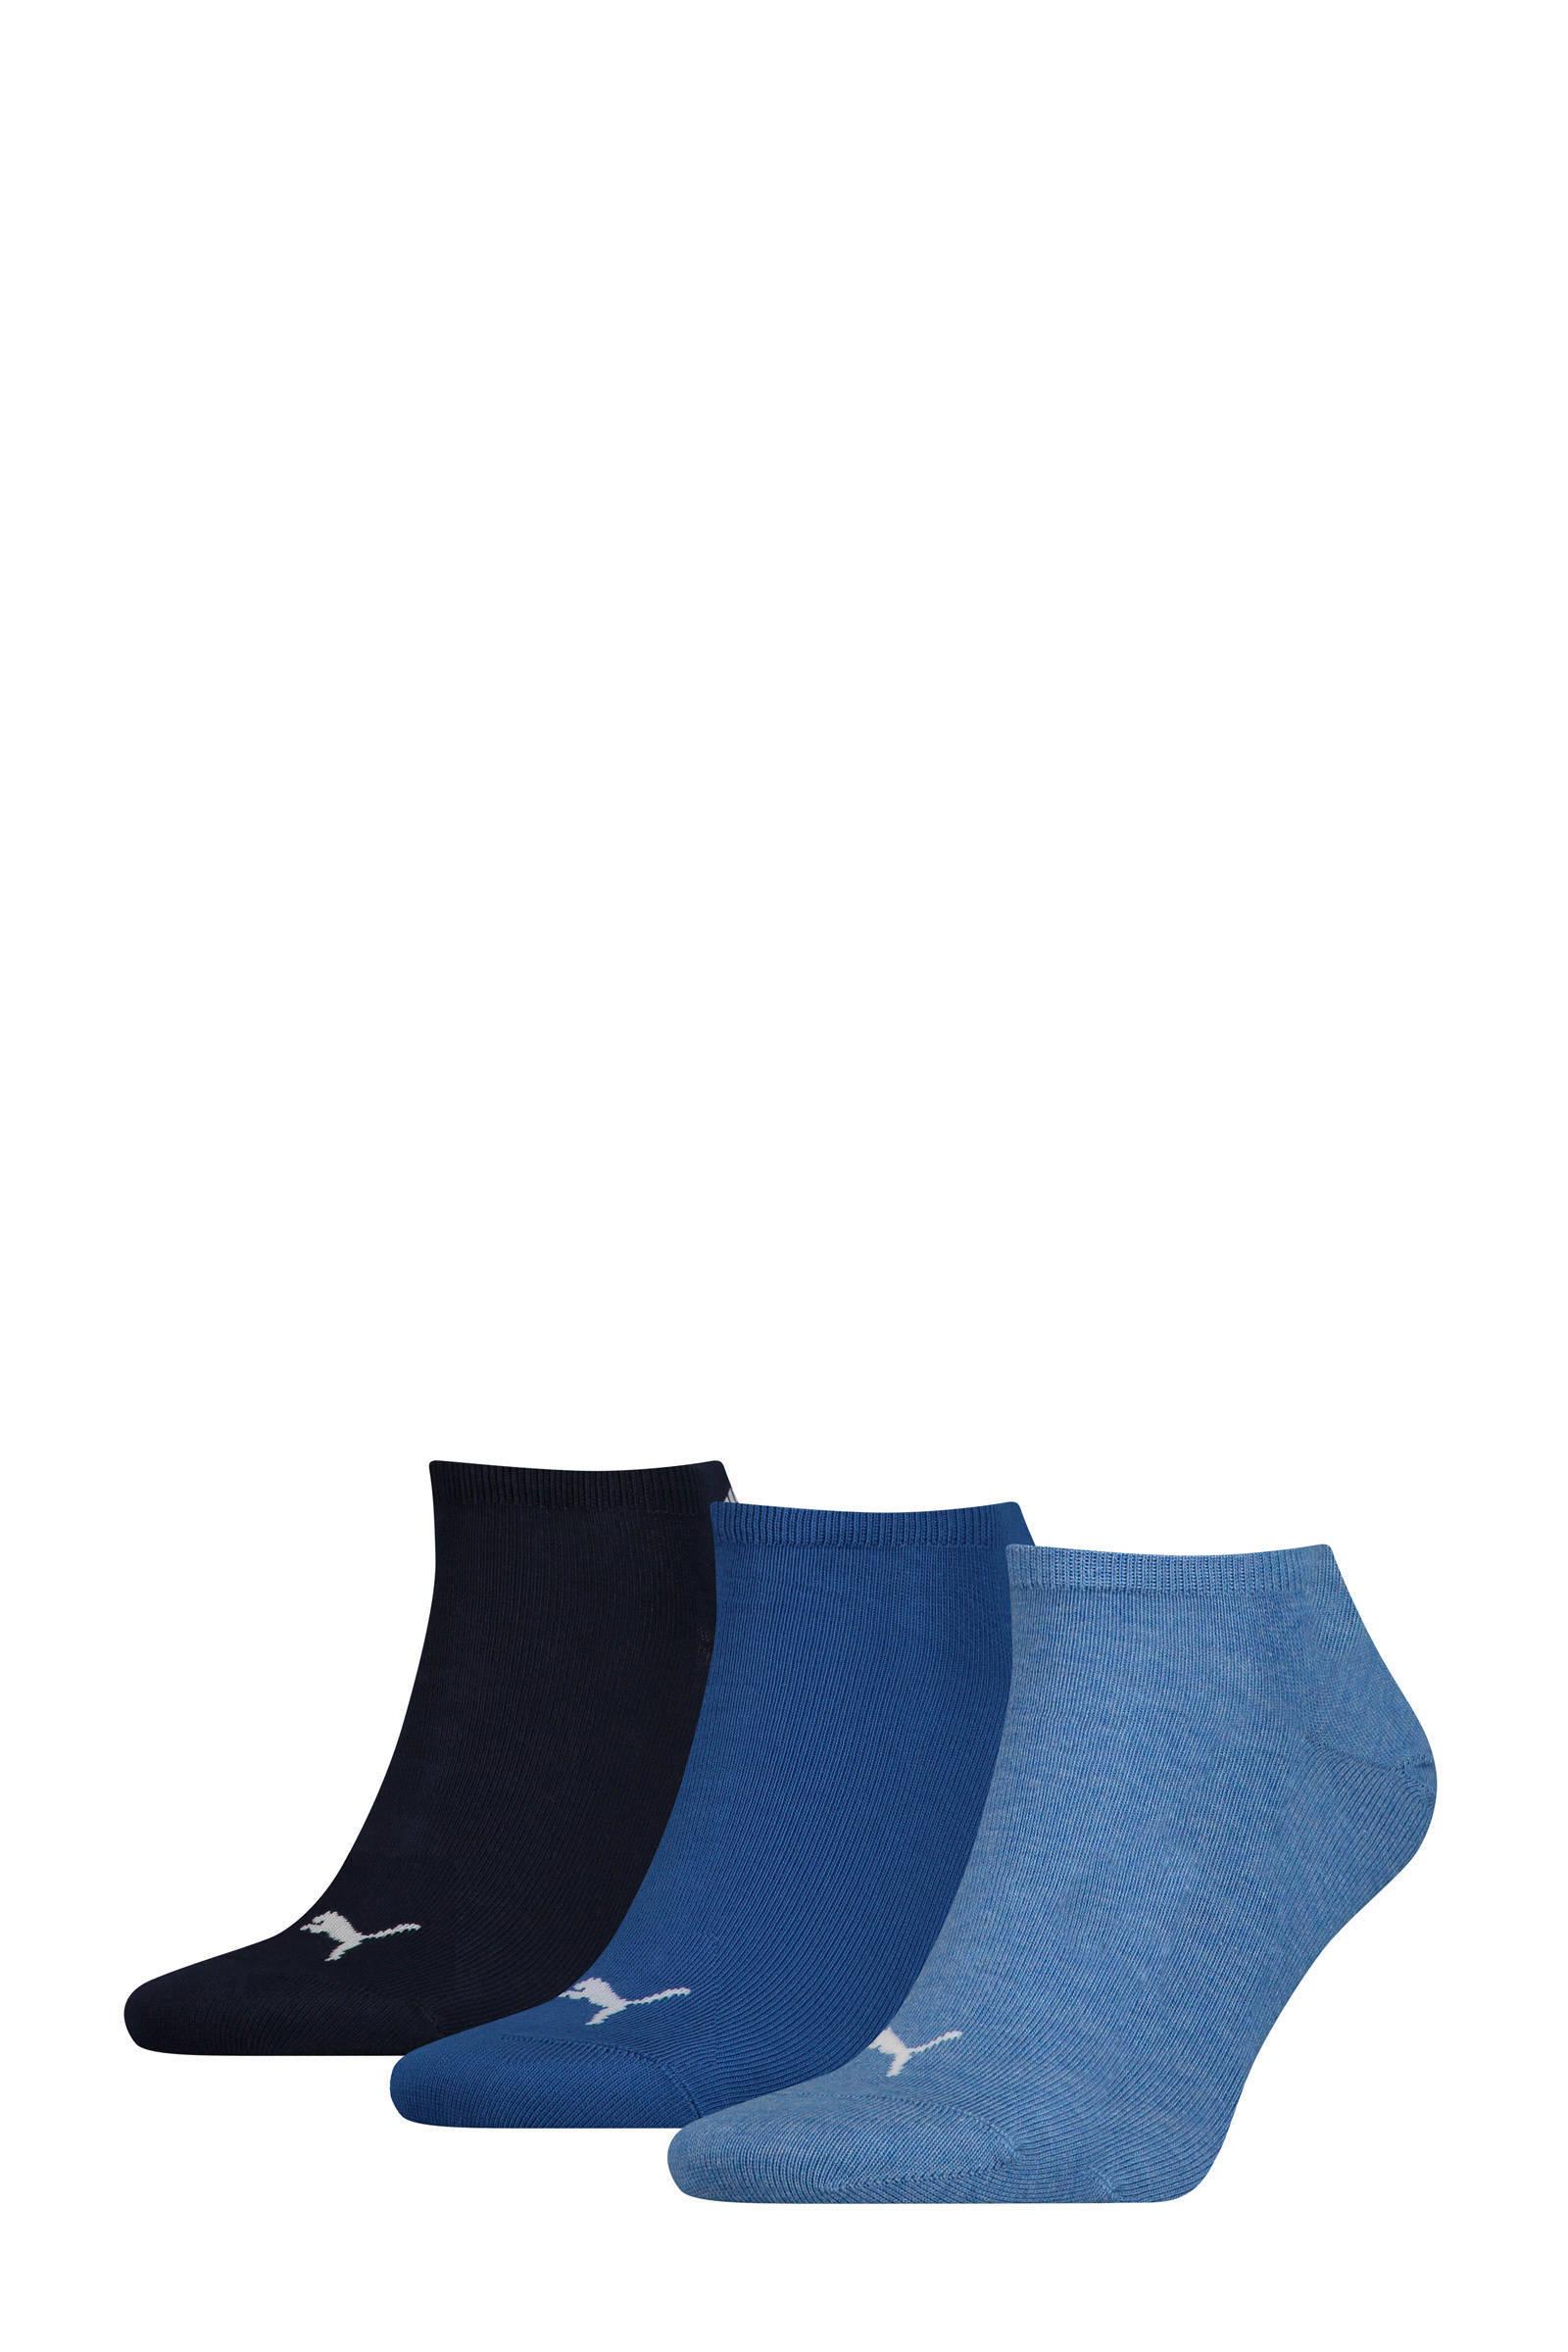 sneakersokken Plain set van 3 paar blauw